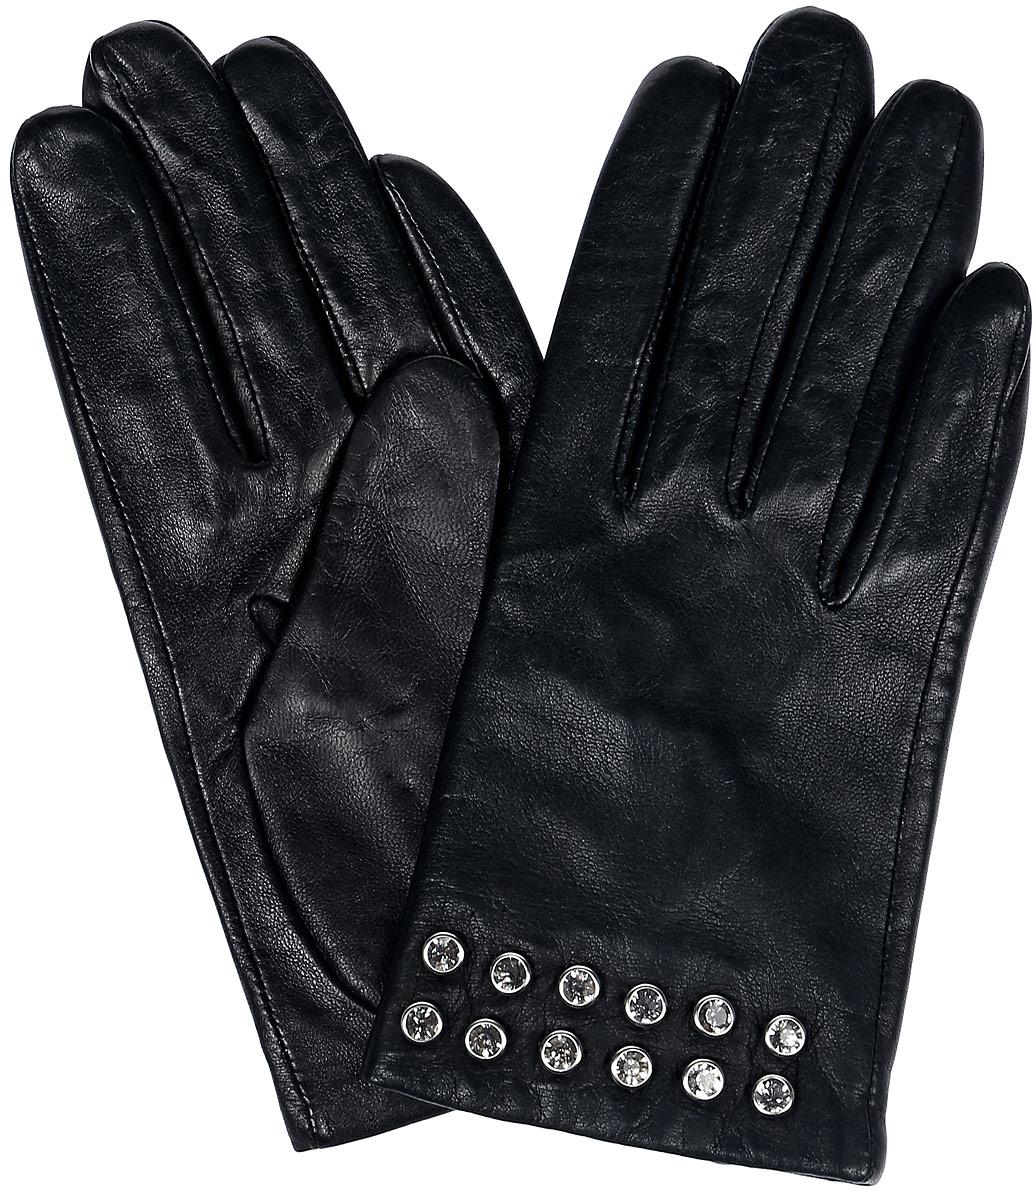 Перчатки женские Dali Exclusive, цвет: черный. 81_DIE. Размер 781_DIE/BLЖенские перчатки Dali Exclusive не только защитят ваши руки, но и станут великолепным украшением. Перчатки выполнены из натуральной кожи, а подкладка - из высококачественного шелка. Модель оформлена клепками со стразами.